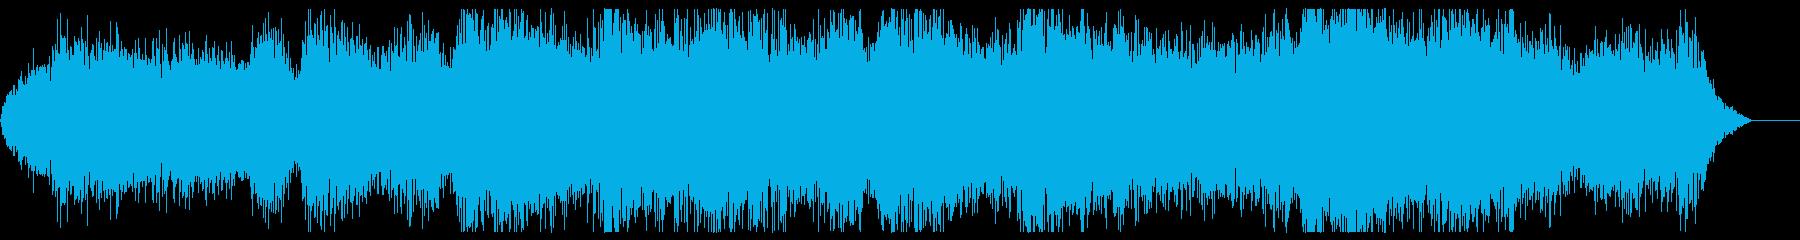 怪しい雰囲気なホラーアンビエントですの再生済みの波形